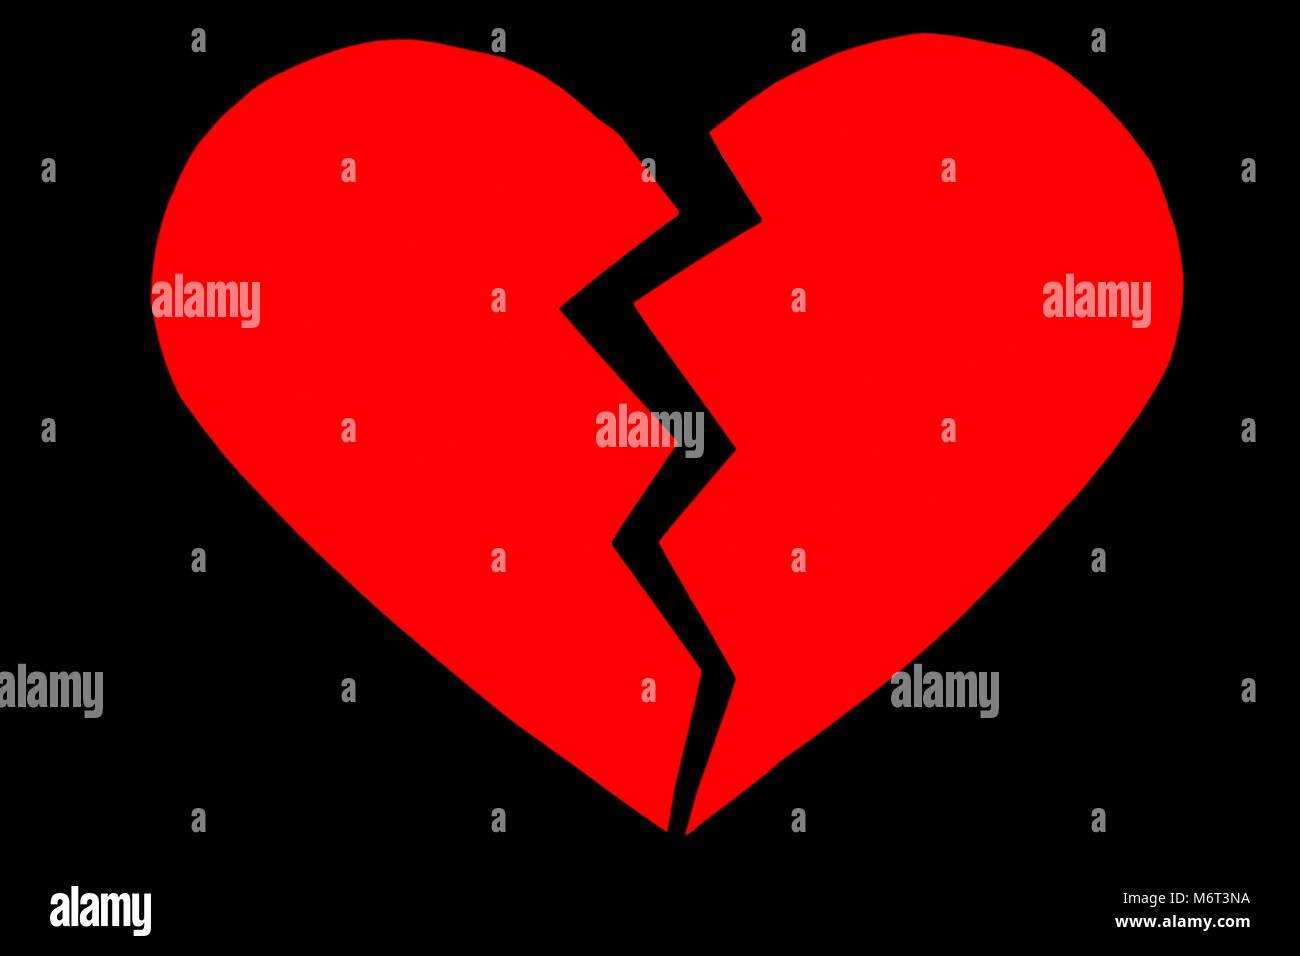 Get Broken Heart Background Black Wallpapers